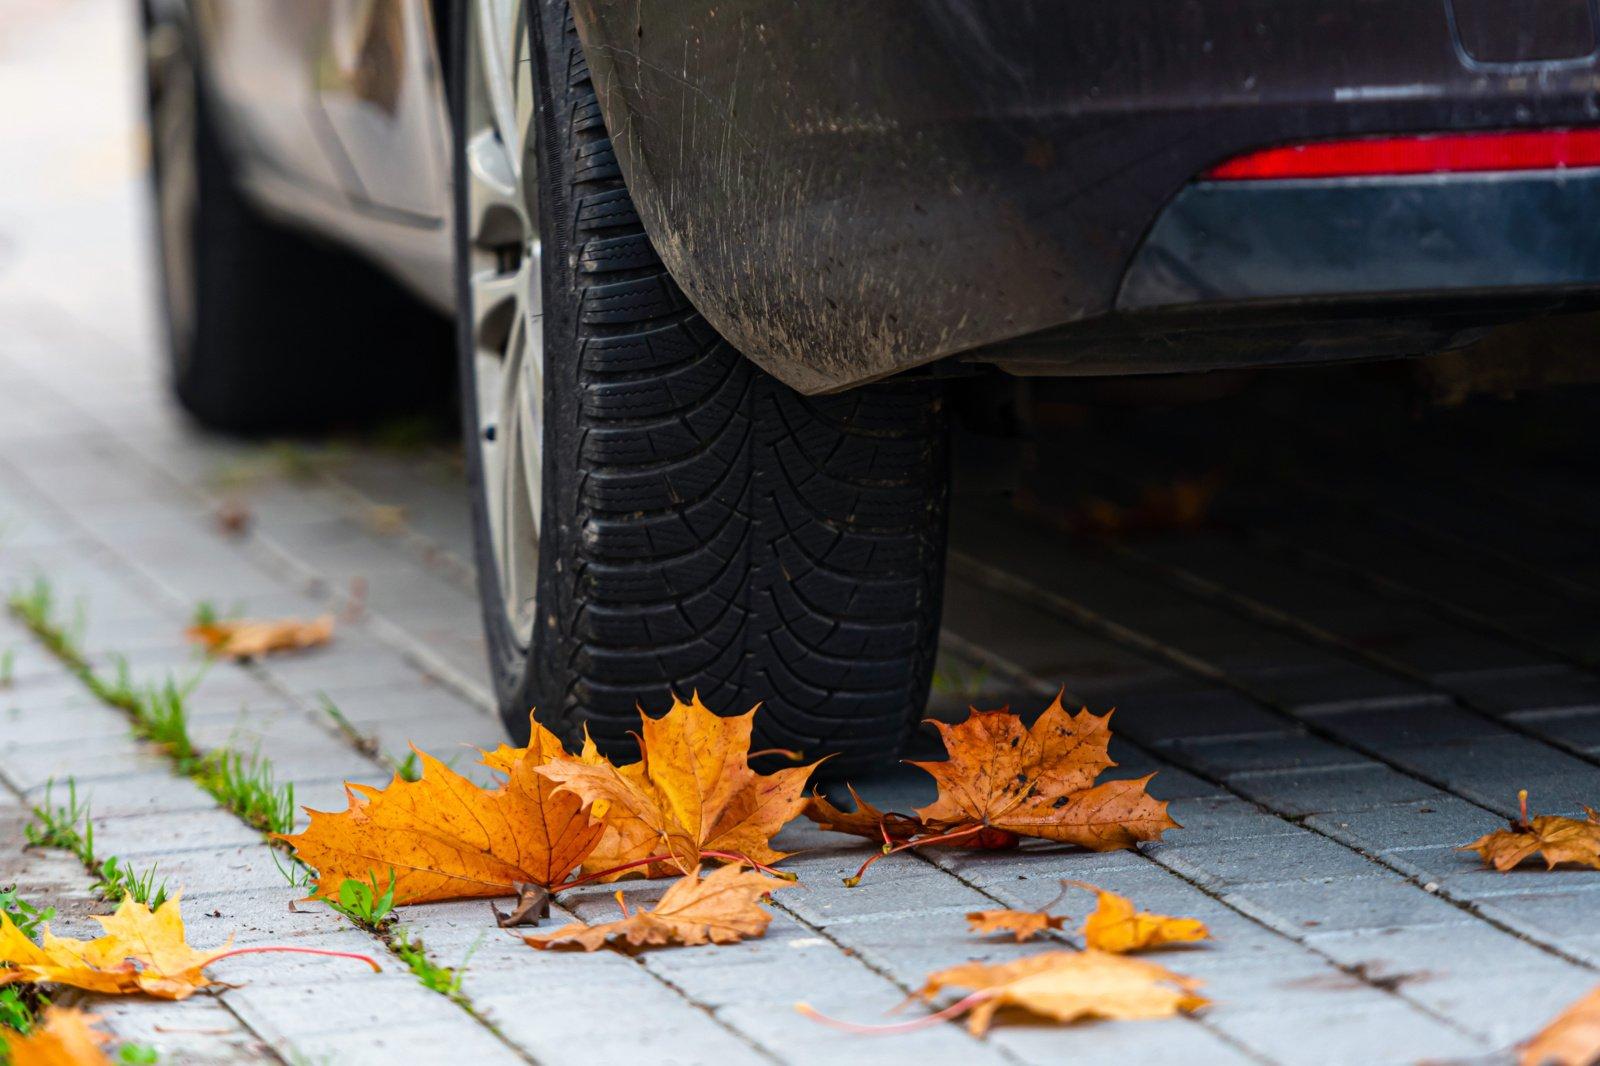 Mažėja leistinas greitis automagistralėse, jau galima važiuoti su dygliuotomis padangomis